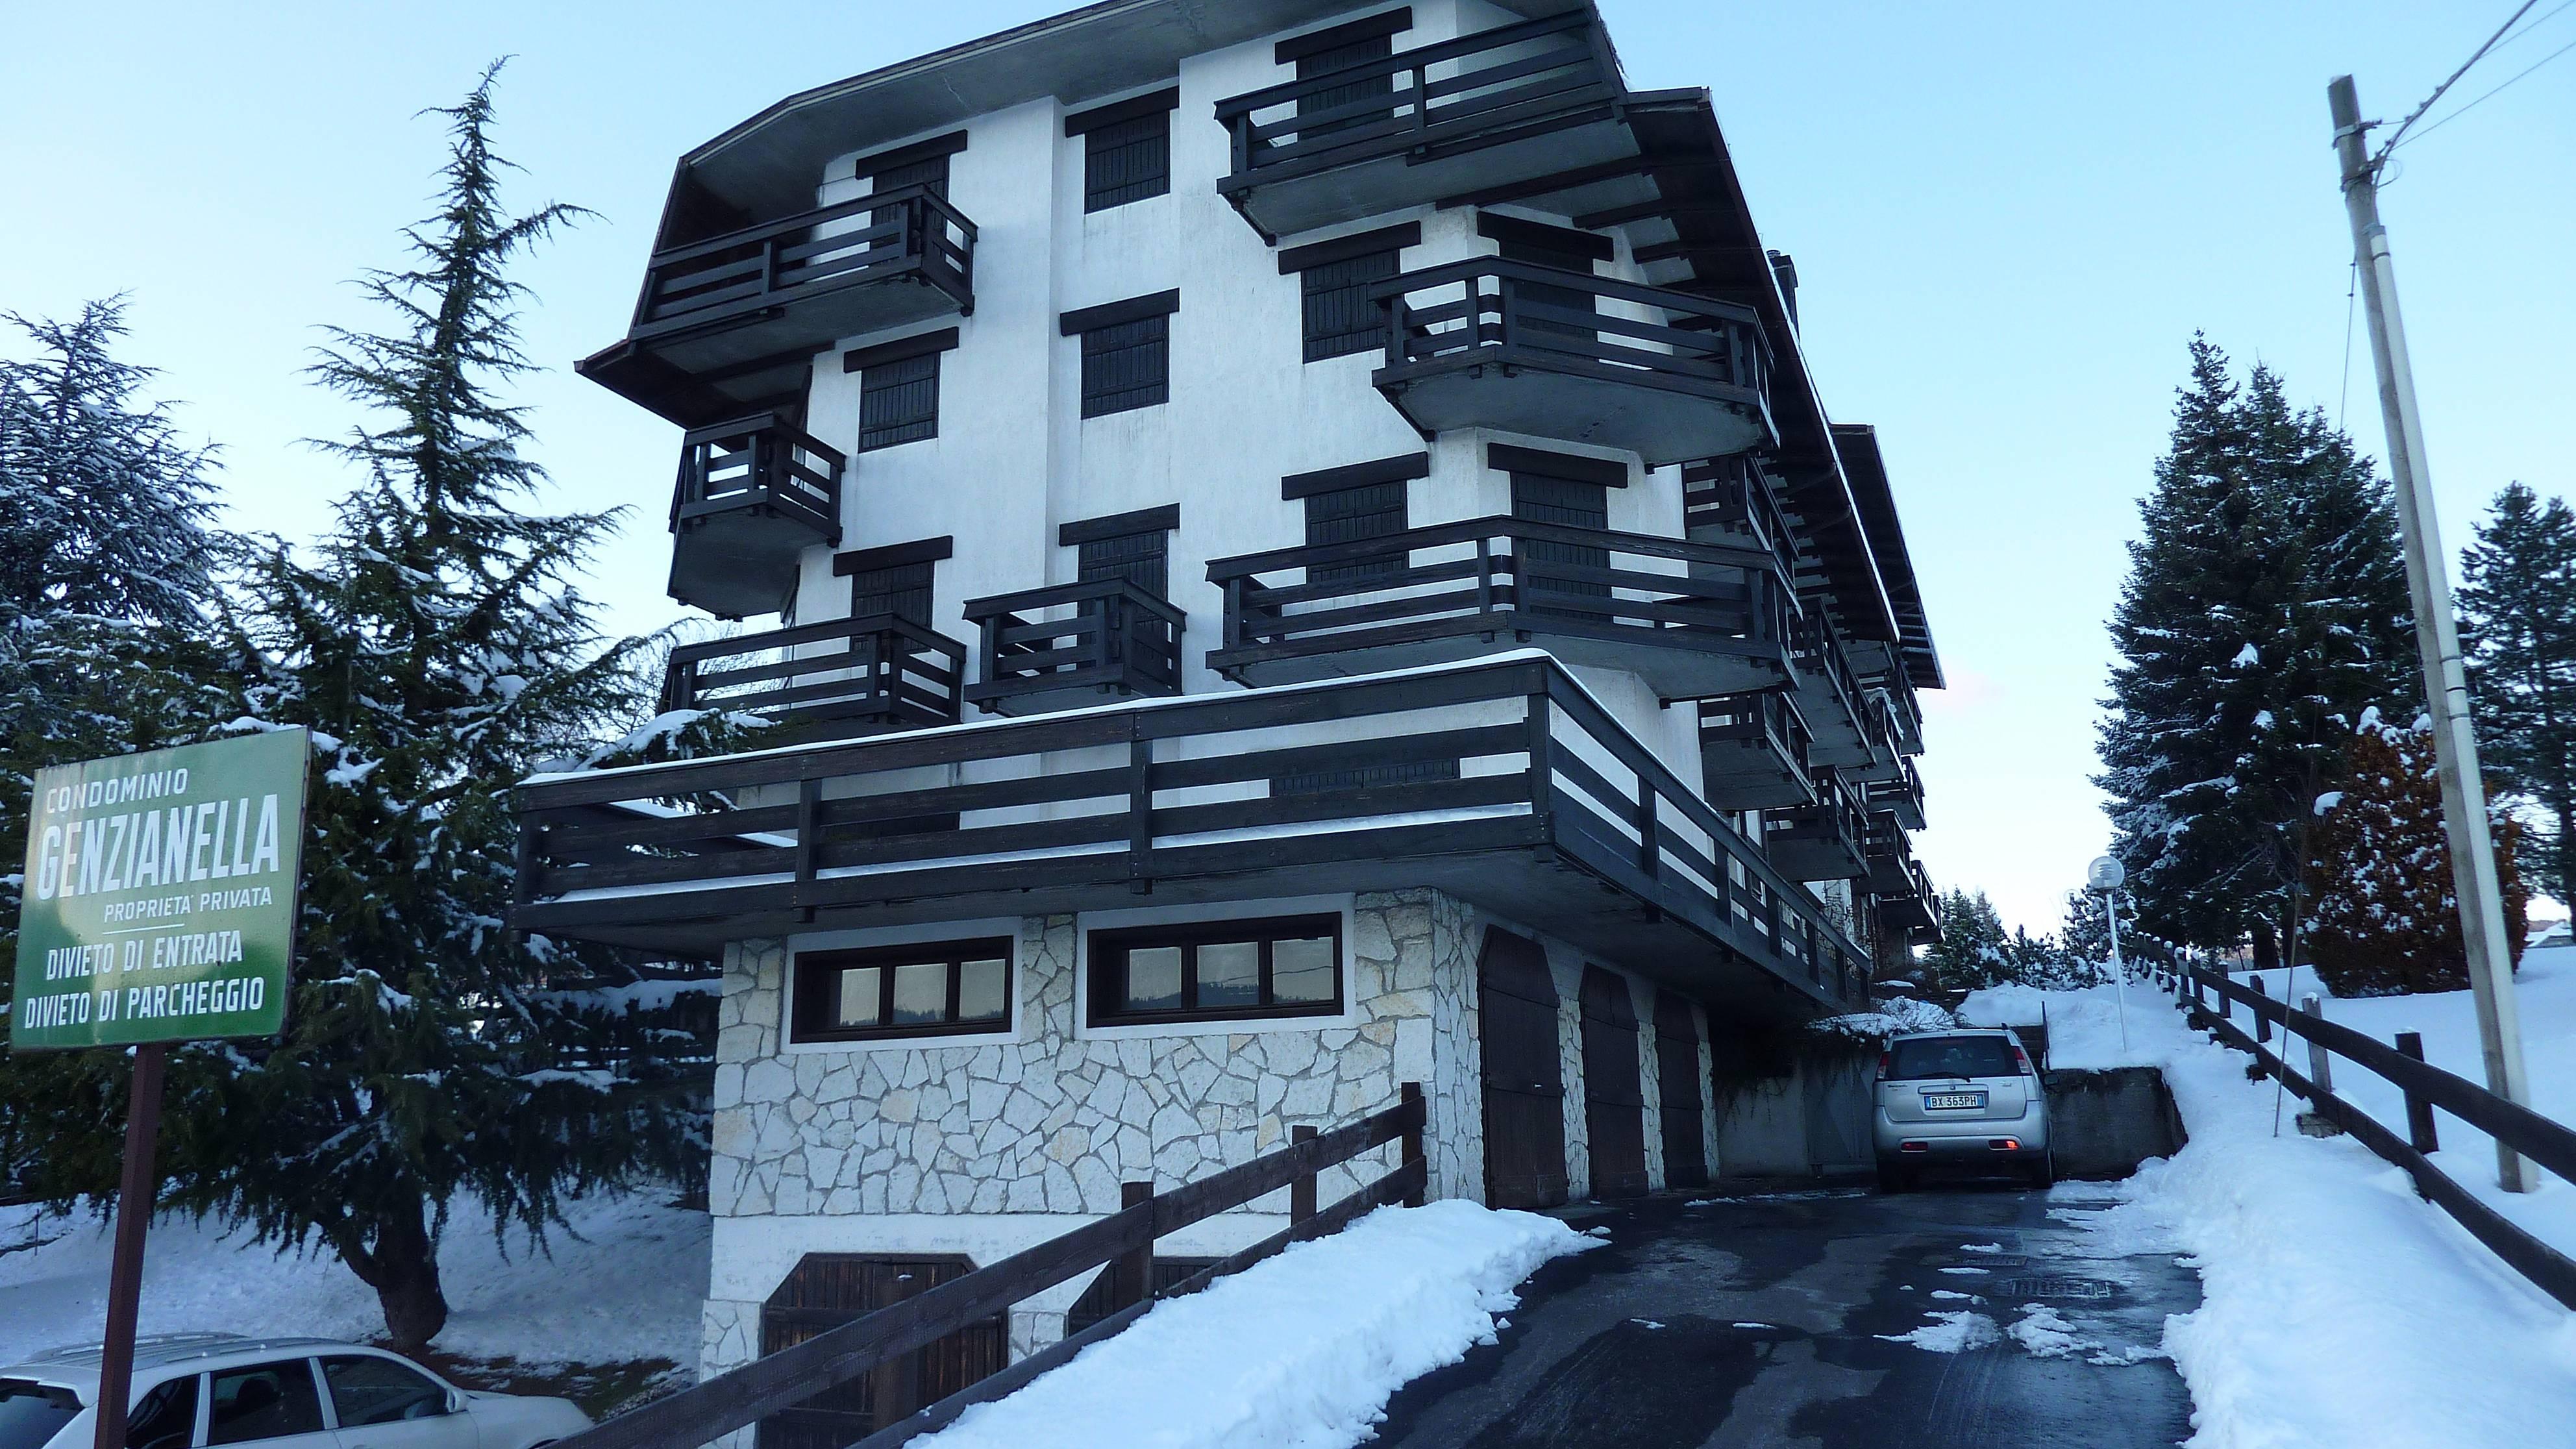 2 appartamenti in affitto altopiano di asiago tresch for Appartamenti asiago centro affitto vacanze